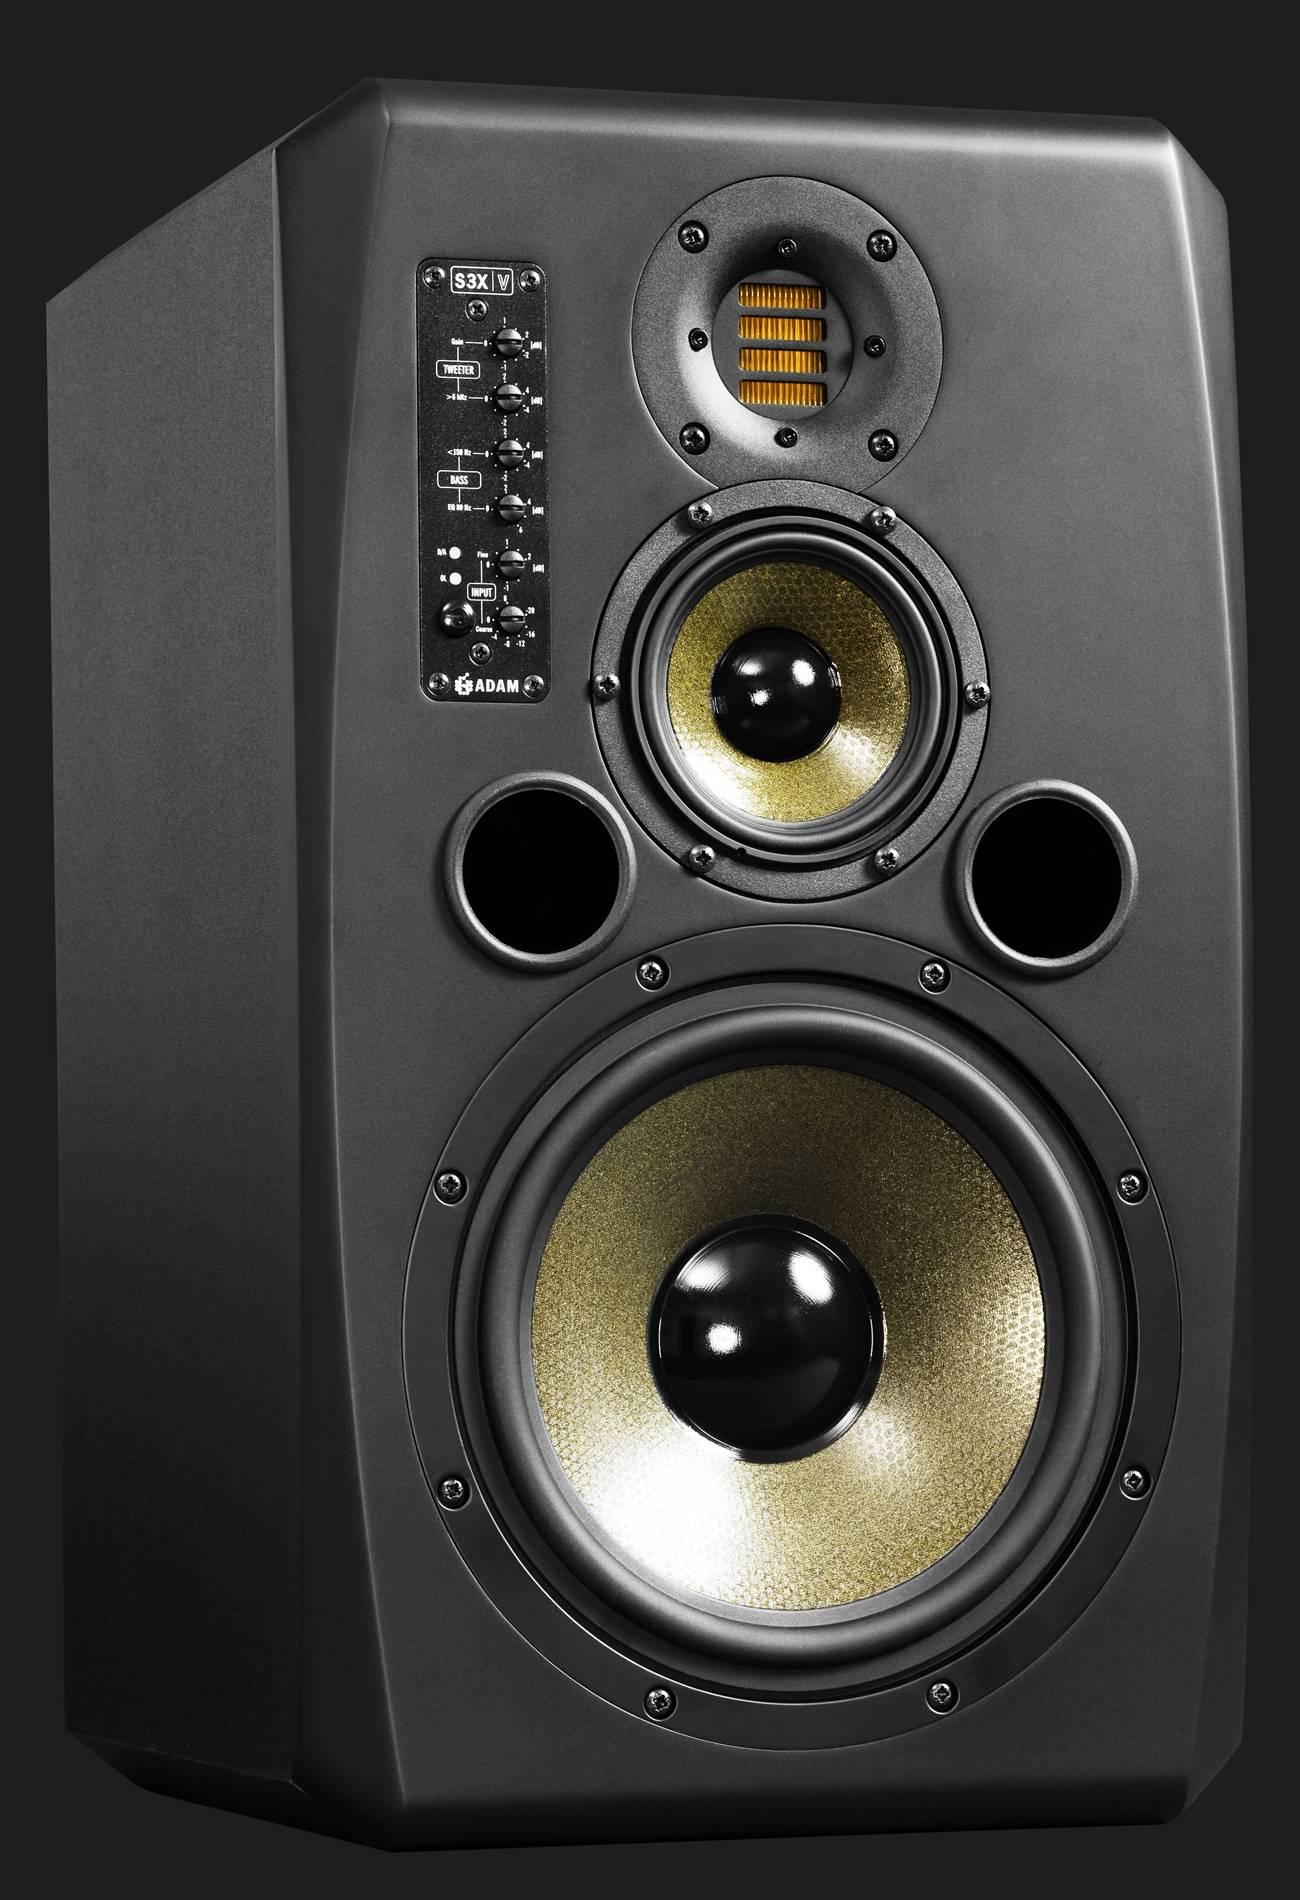 ADAM AUDIO S3X-V三分频监听音箱